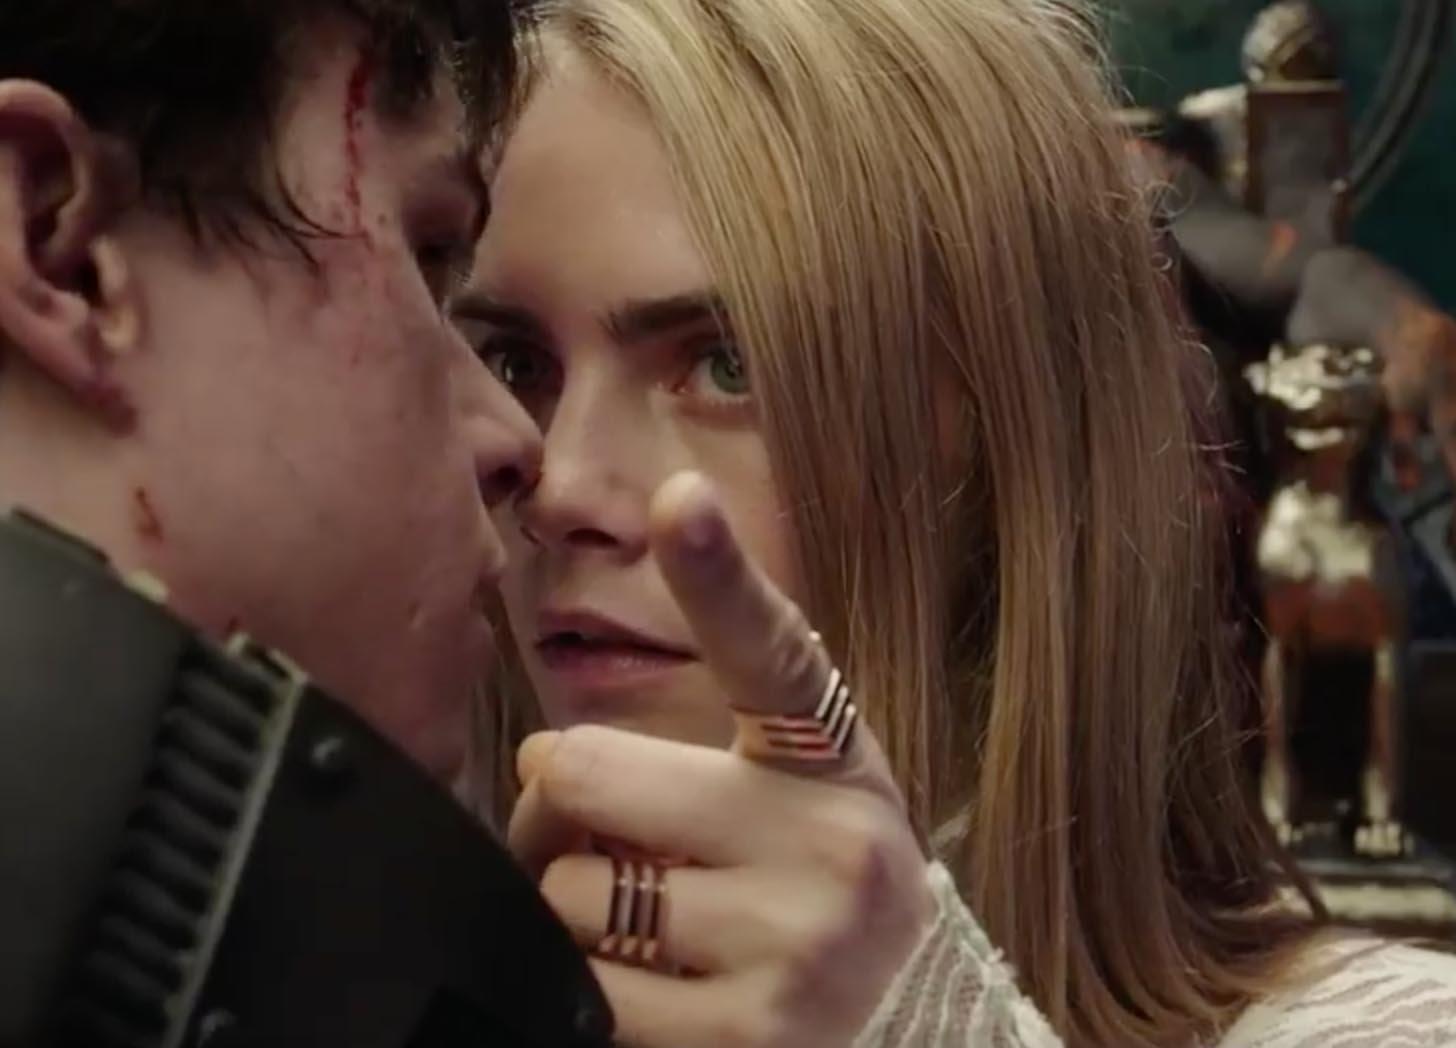 Кара Делевинь затмила звезды в первом трейлере «Валериана»